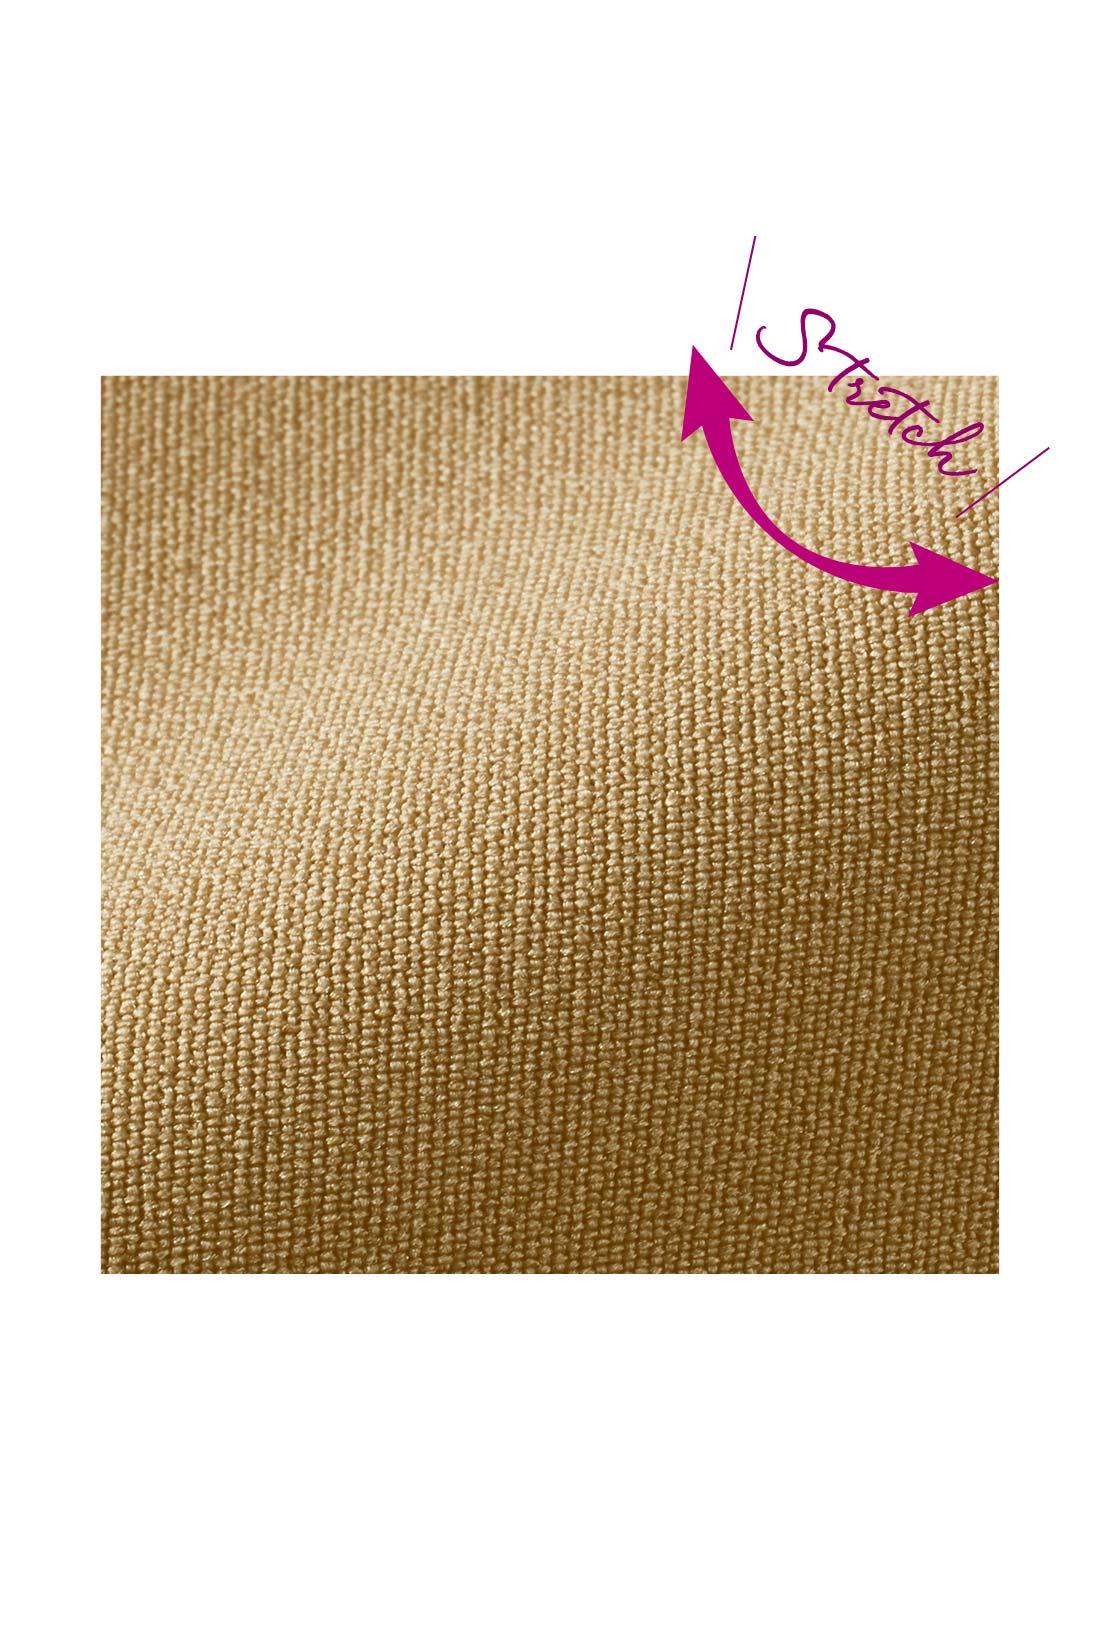 高ストレッチ&安心感のある厚み ほどよい厚みと張り感のある布はく素材が、からだのラインをカバー。ストレッチ性も高いので、下半身をきれいに見せる細身のシルエットでも窮屈感なく、らくなはき心地です。